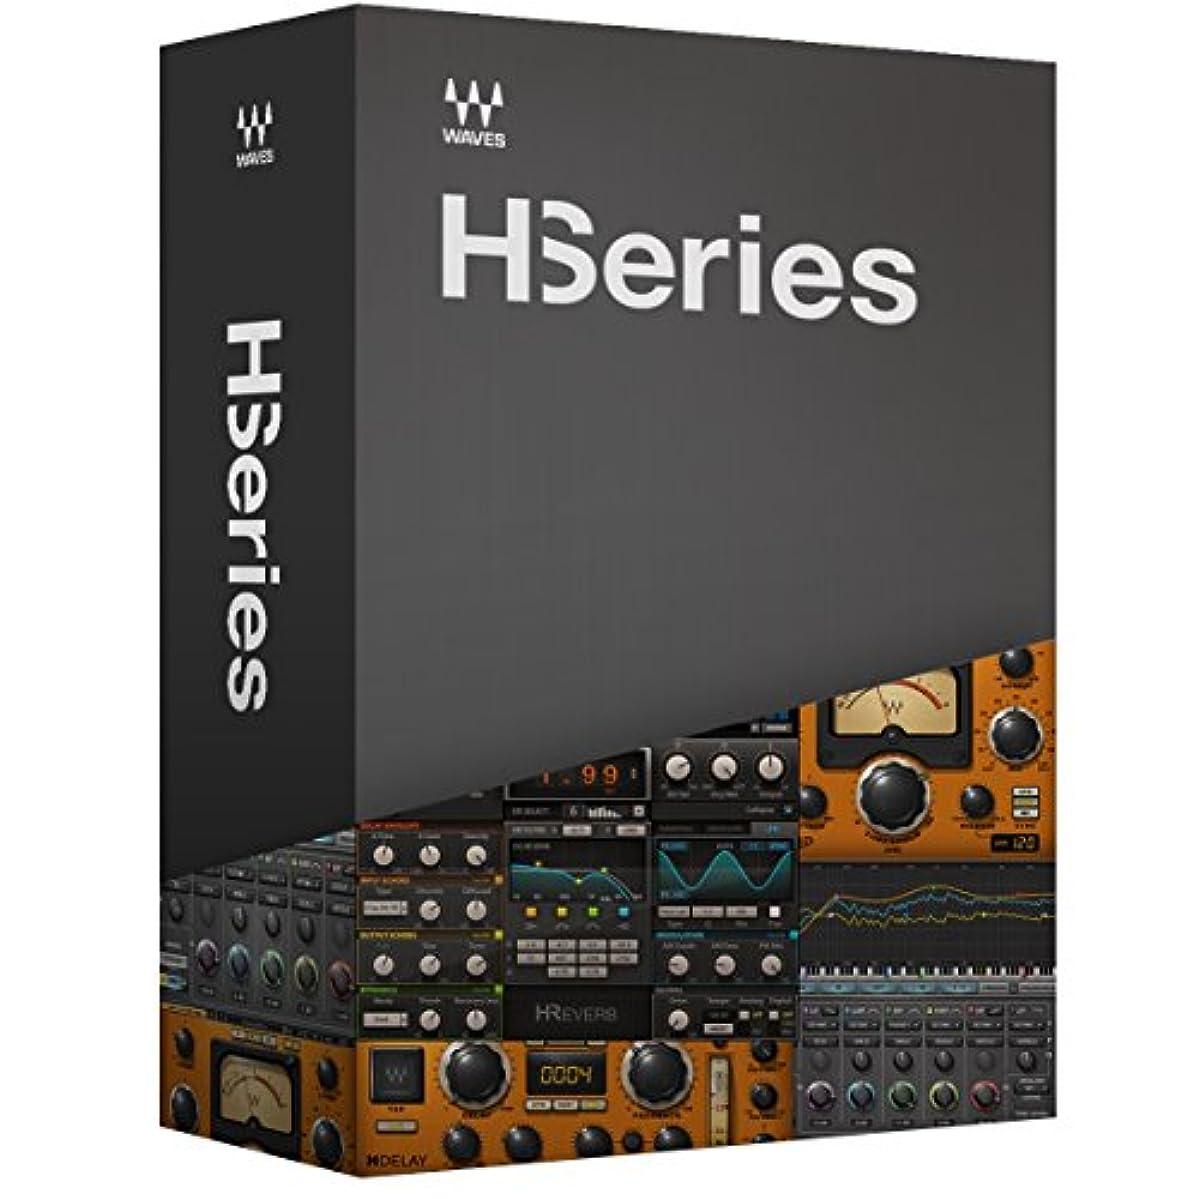 着陸好奇心アクセサリーWAVES H-Series バンドル プラグインソフト ウェーブス